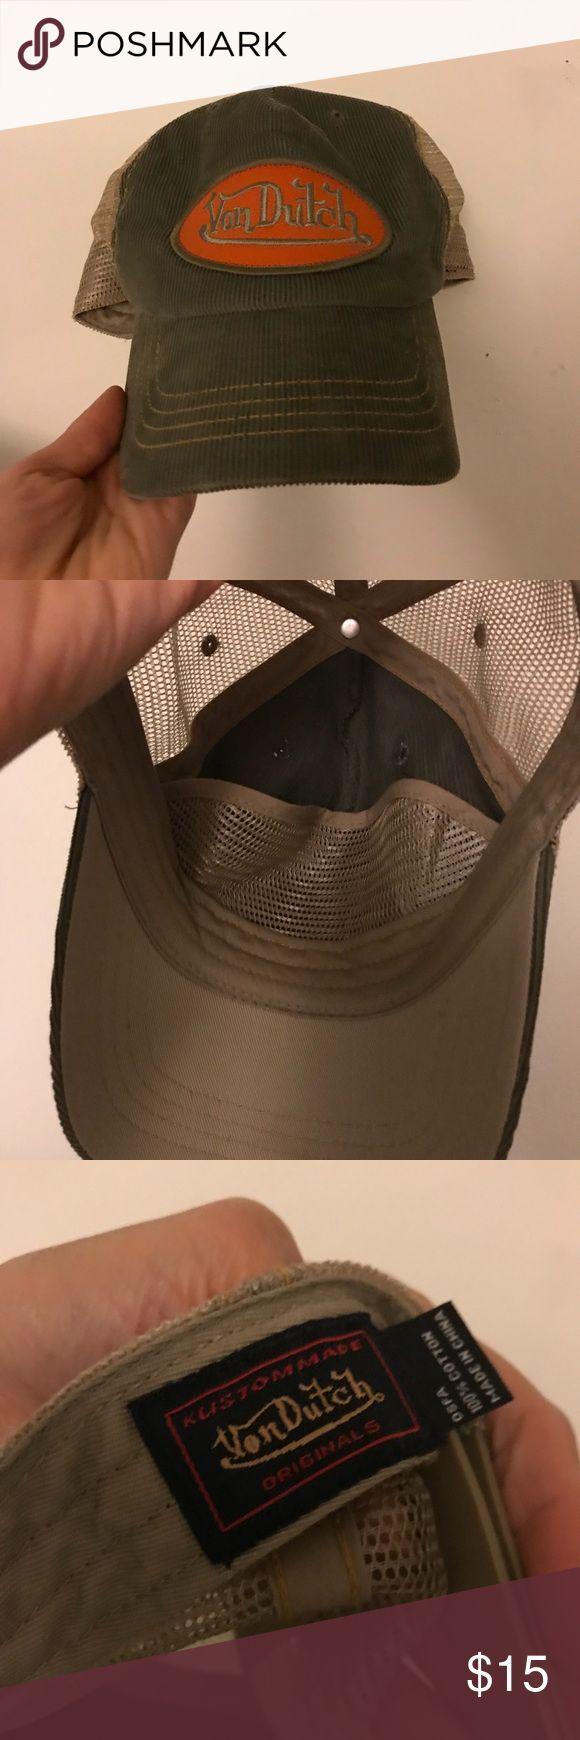 Von Dutch hat Von Dutch hat.  Olive green Corduroy with orange patch.  Tan netting. Von Dutch Accessories Hats